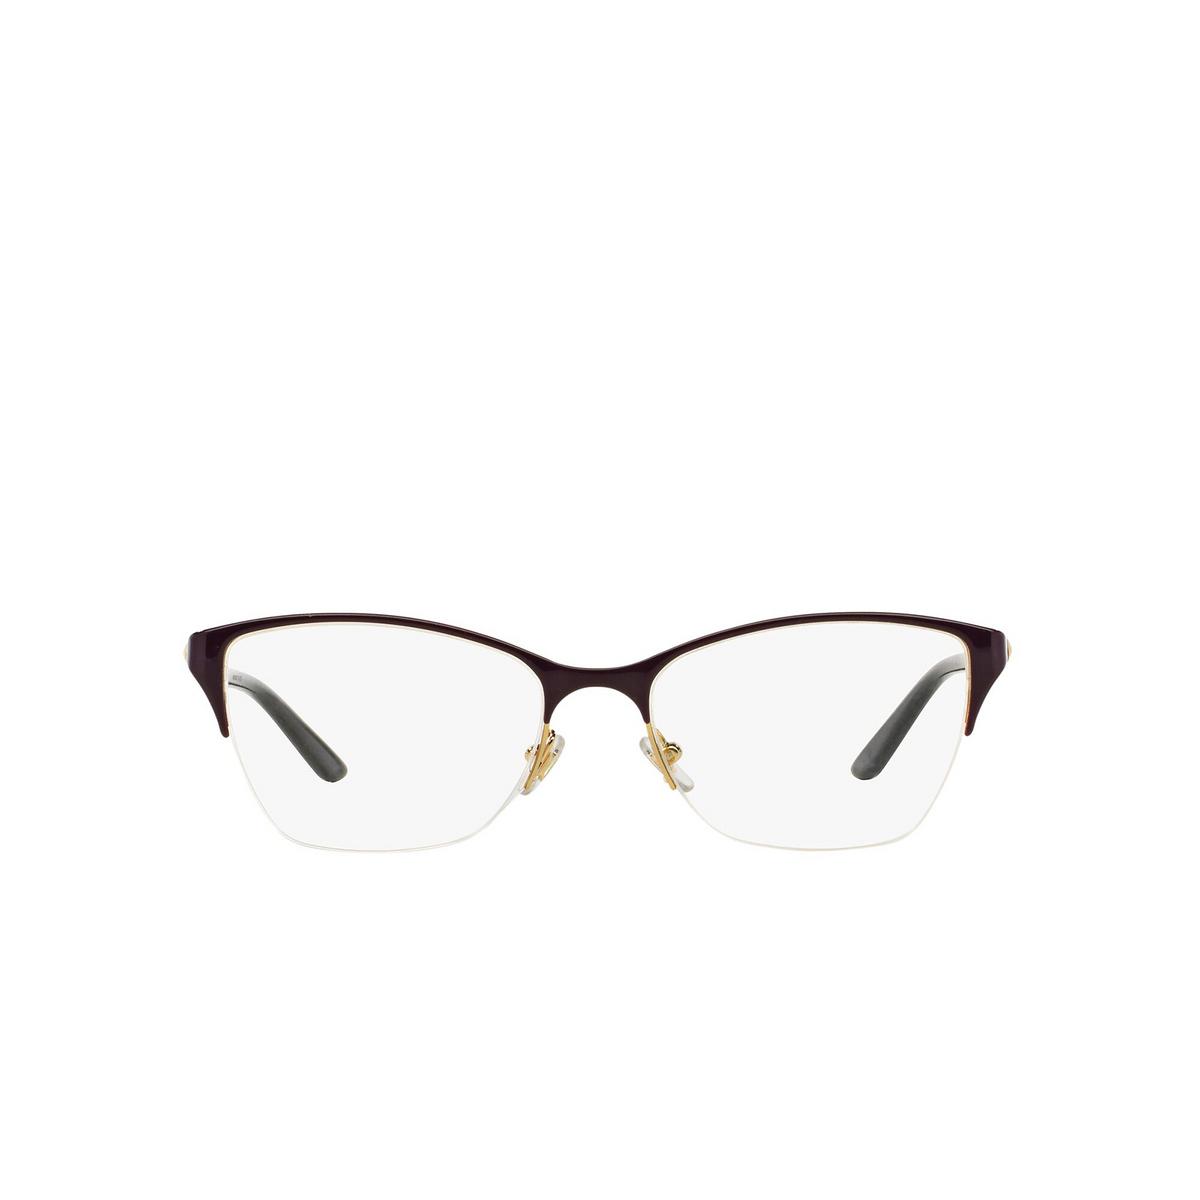 Versace® Cat-eye Eyeglasses: VE1218 color Violet / Gold 1345 - front view.